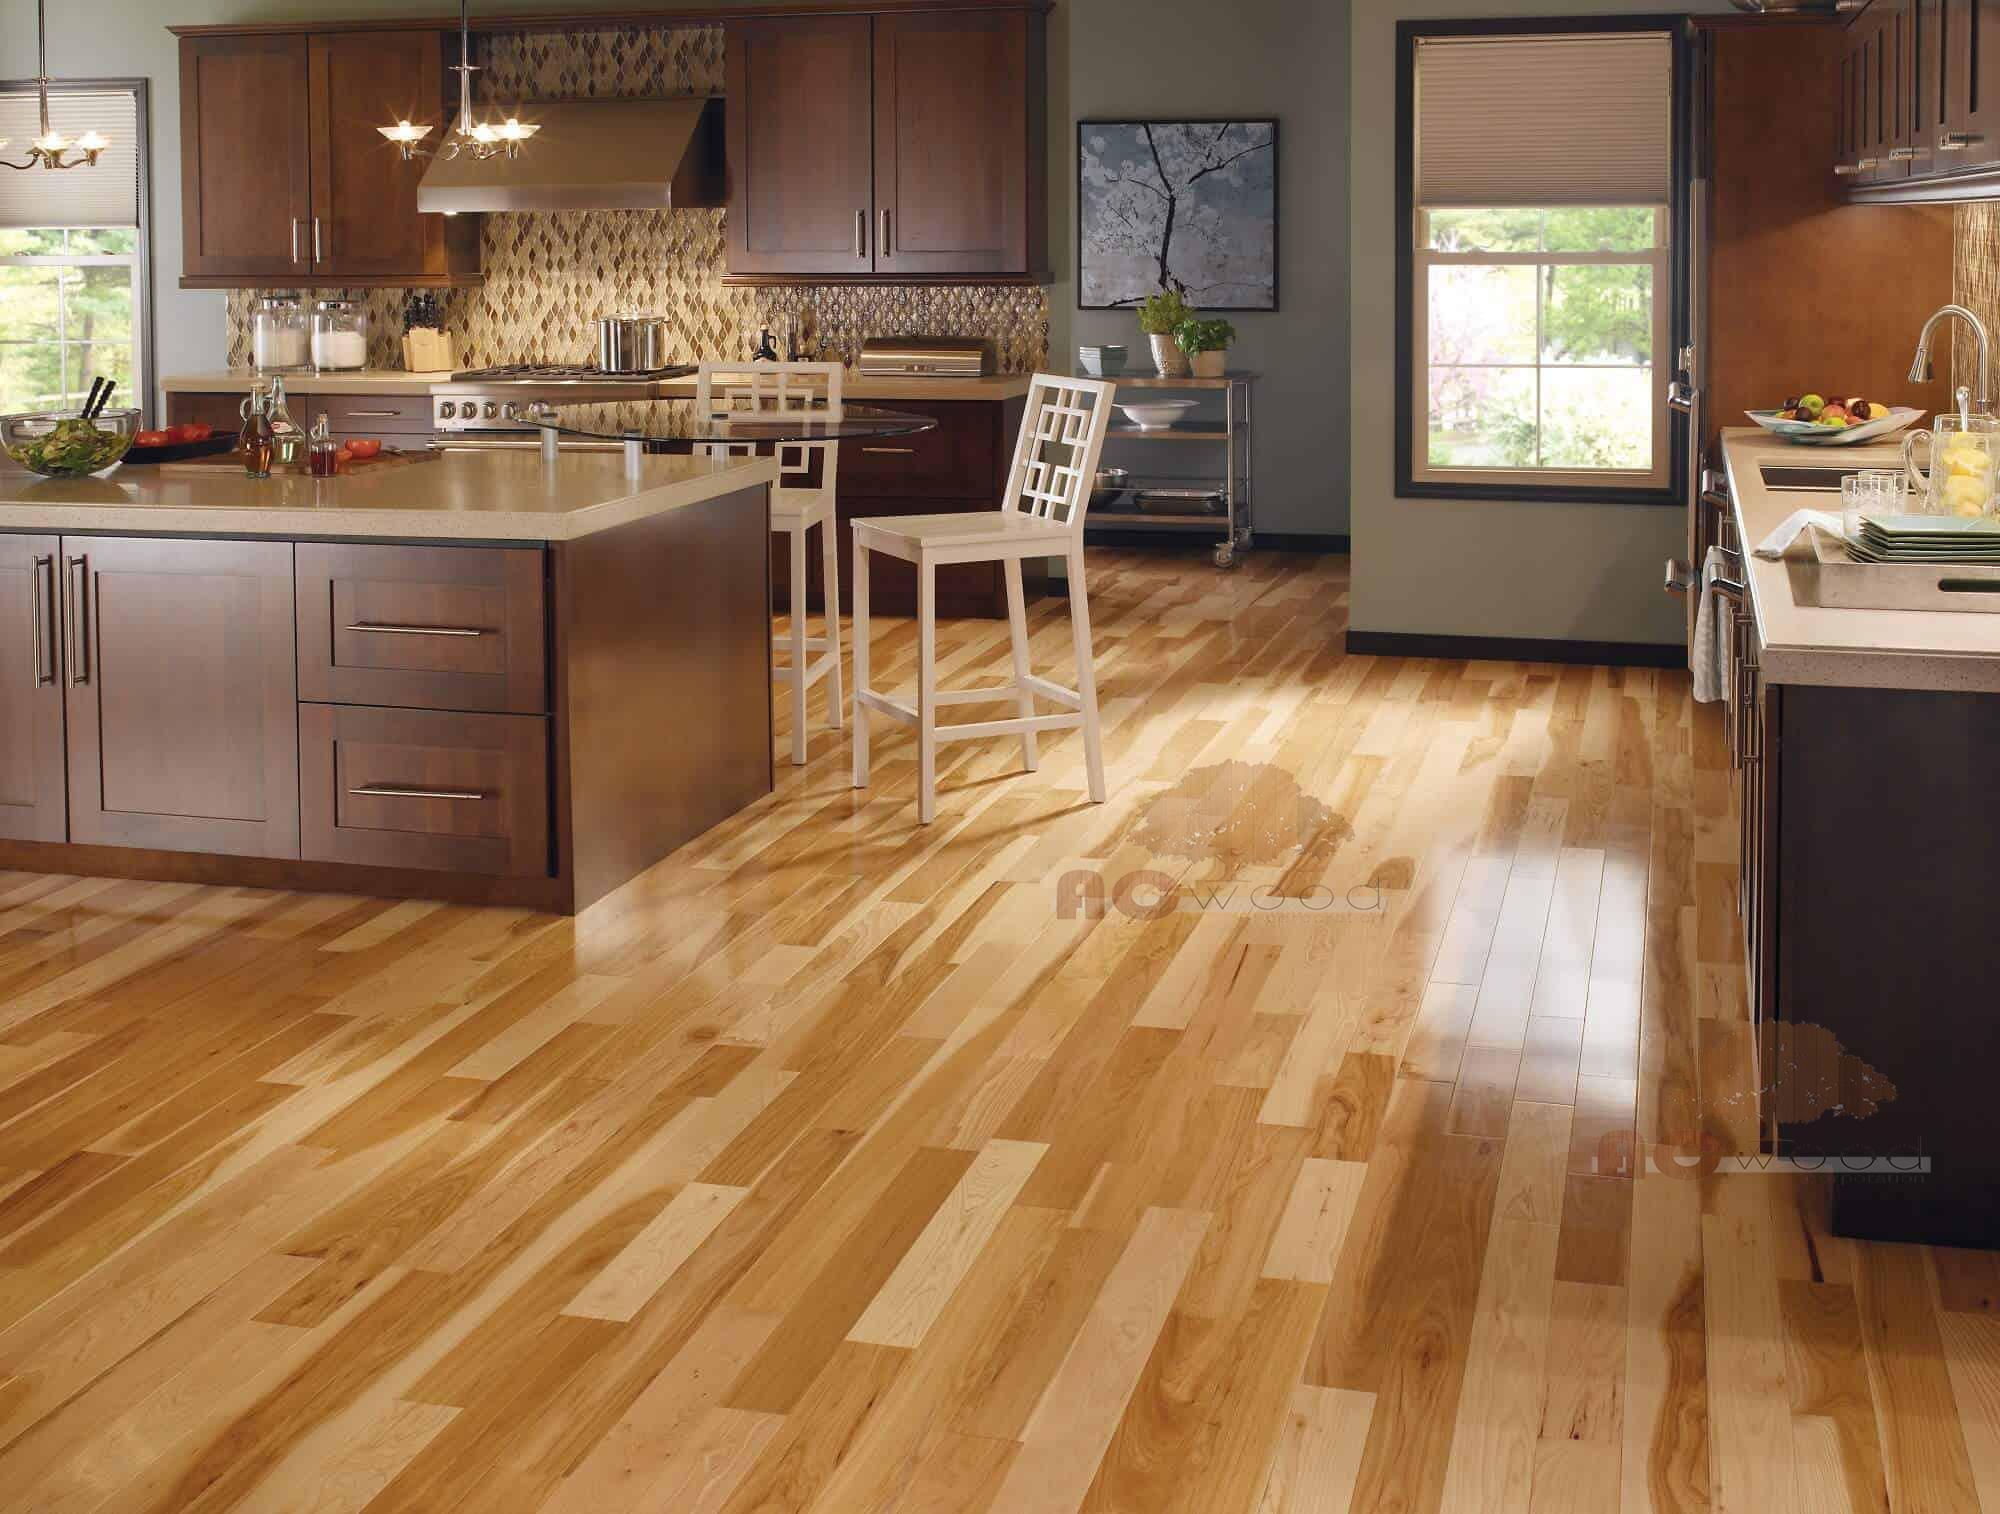 Sàn gỗ đem lại sự khang trang cho ngôi nhà